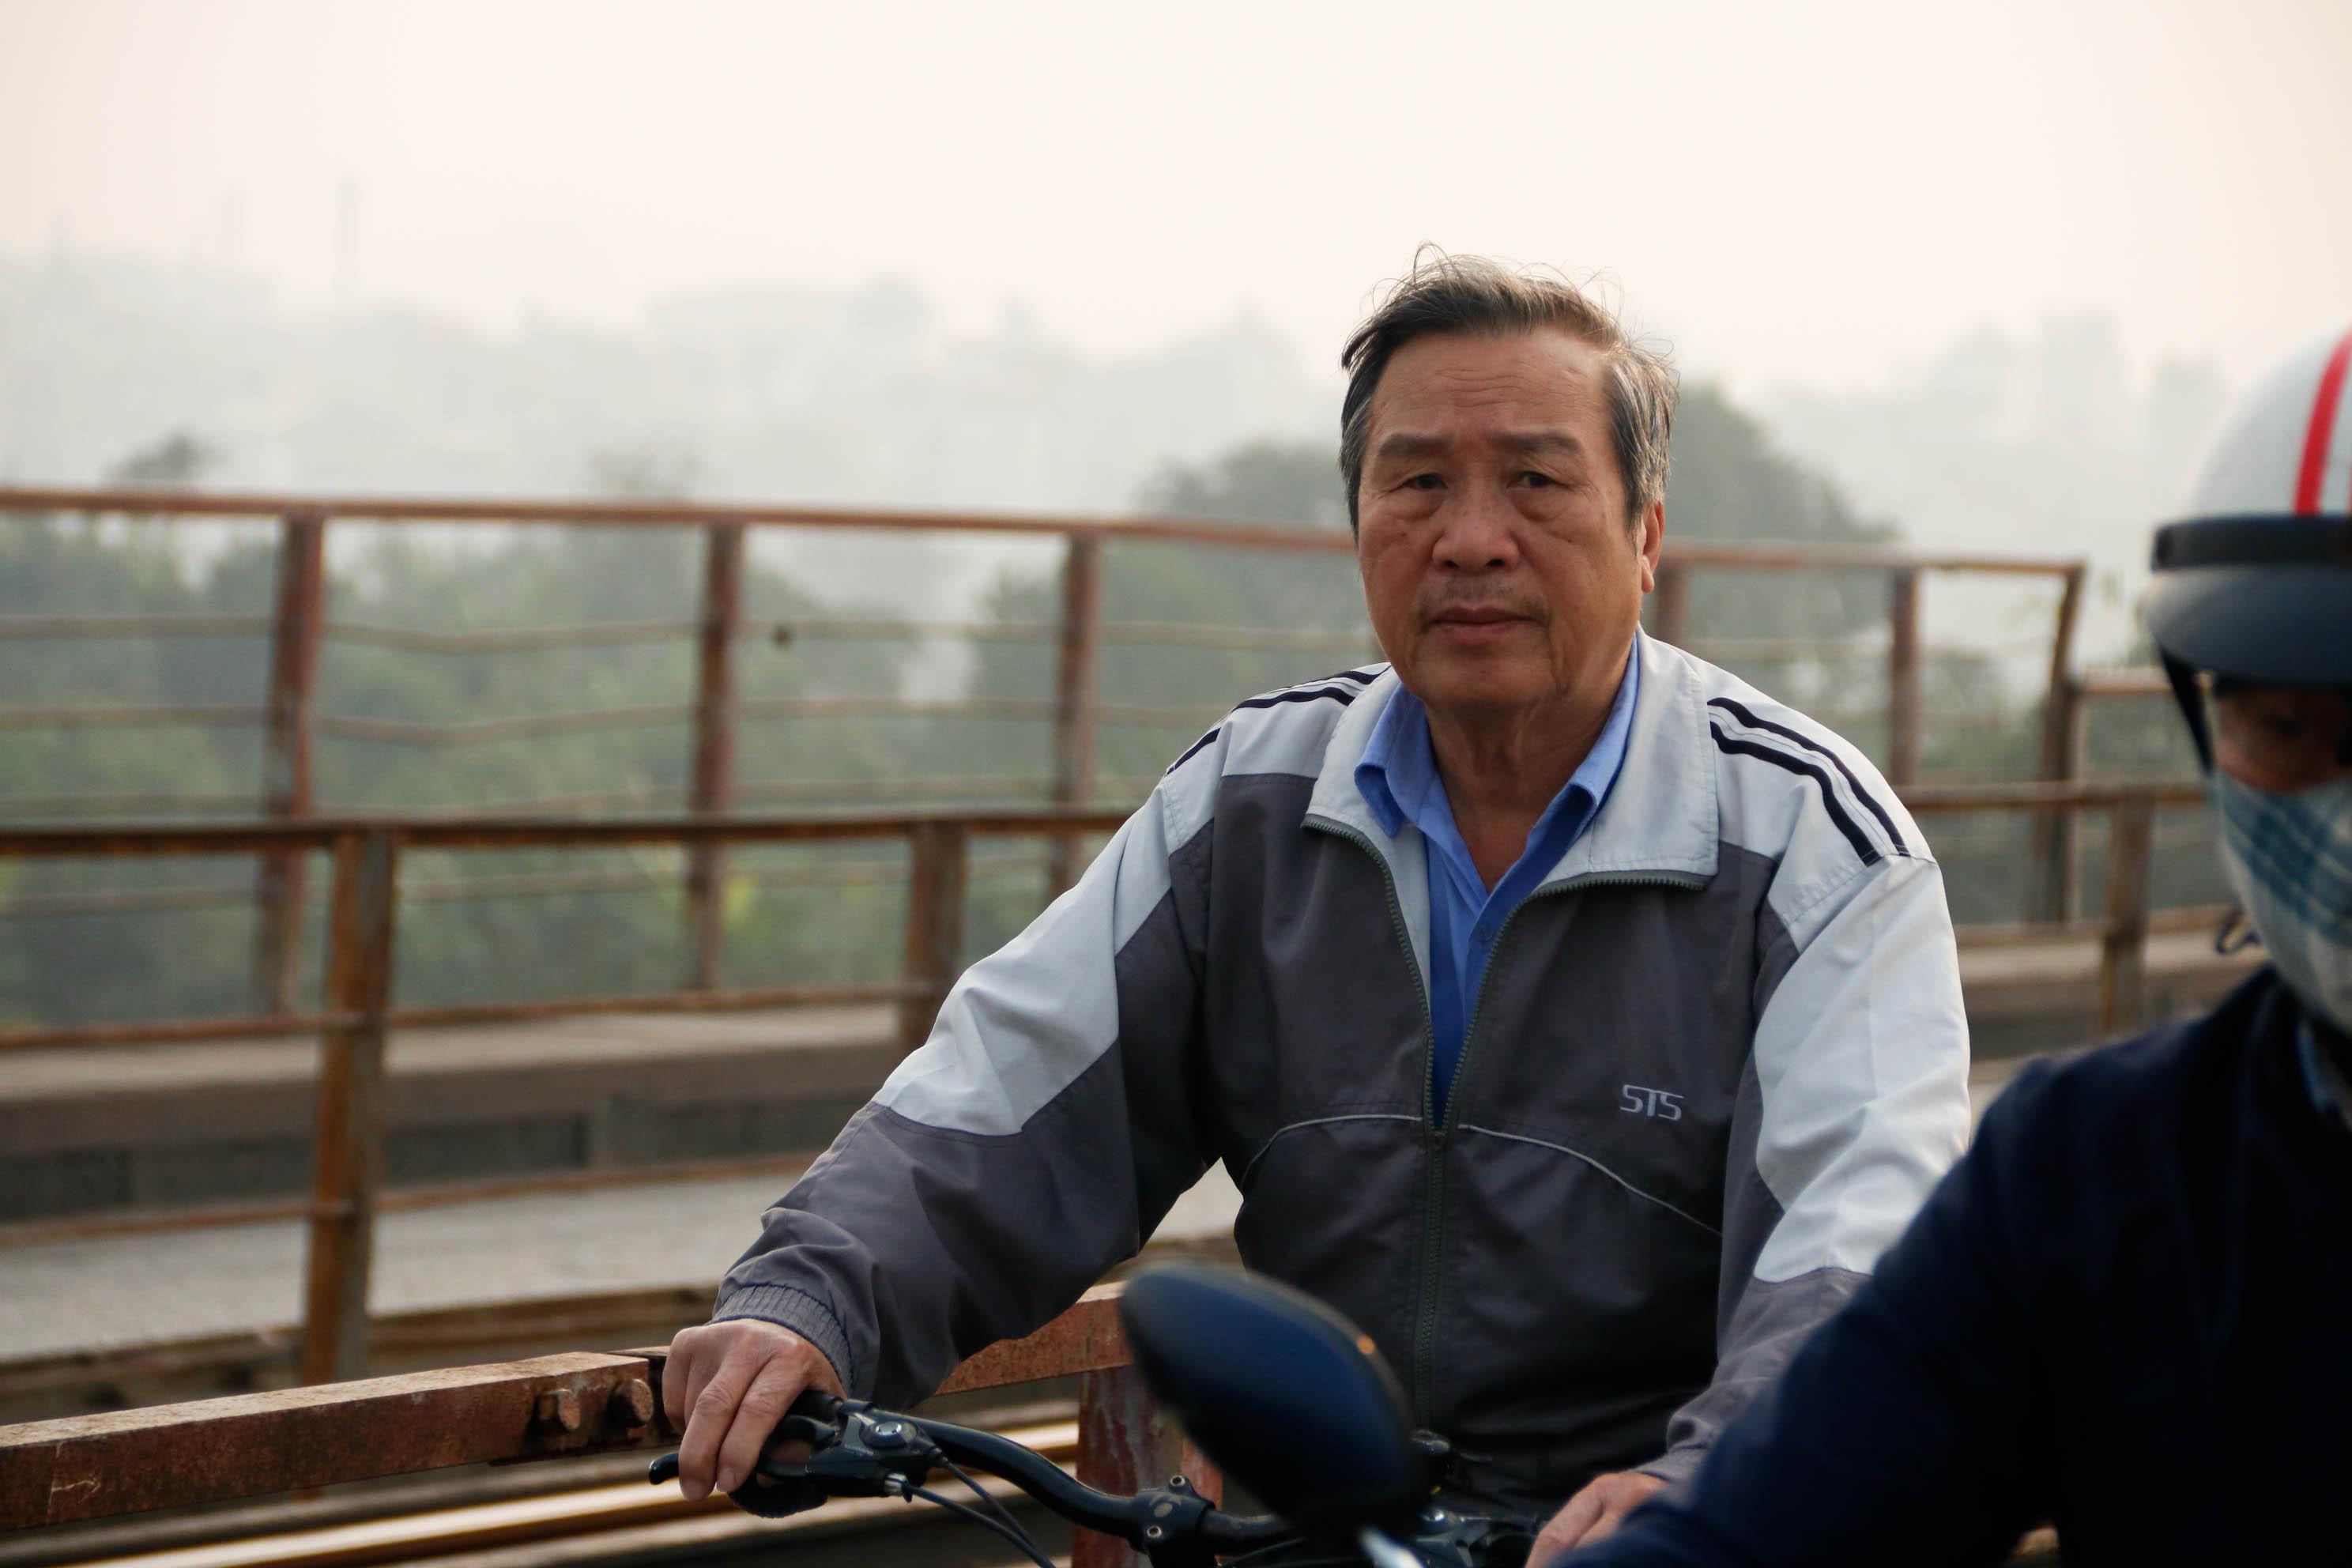 Cầu Long Biên xuống cấp đến không ngờ, mặt đường bị cày xới khiến người dân đi lại gặp nhiều khó khăn - Ảnh 6.